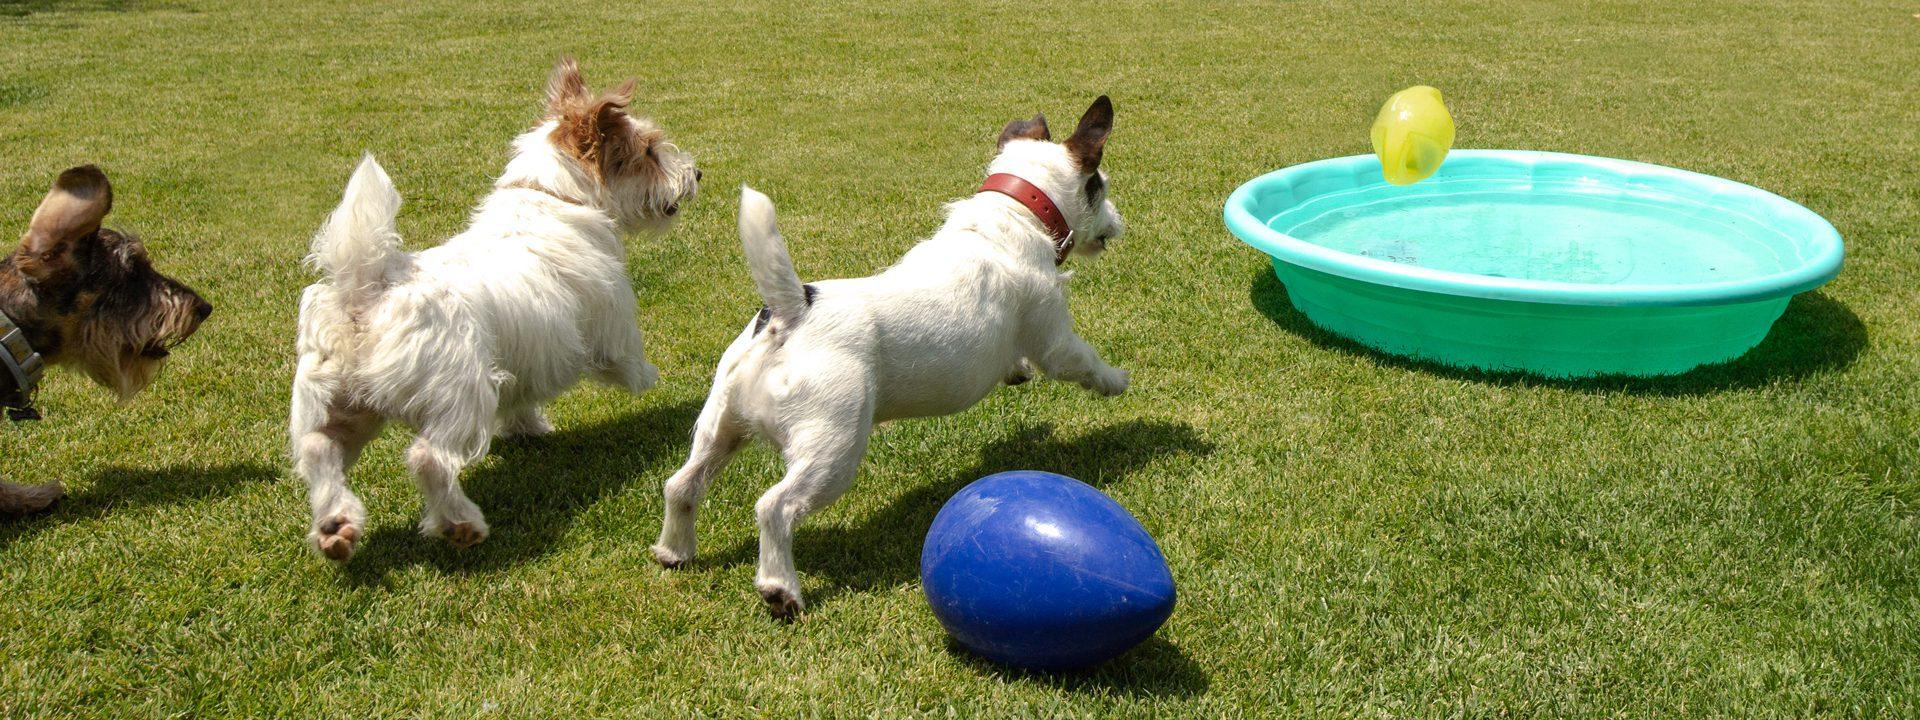 Galeria Dondersteen Resort Foto 4 - Perros jugando en el parque